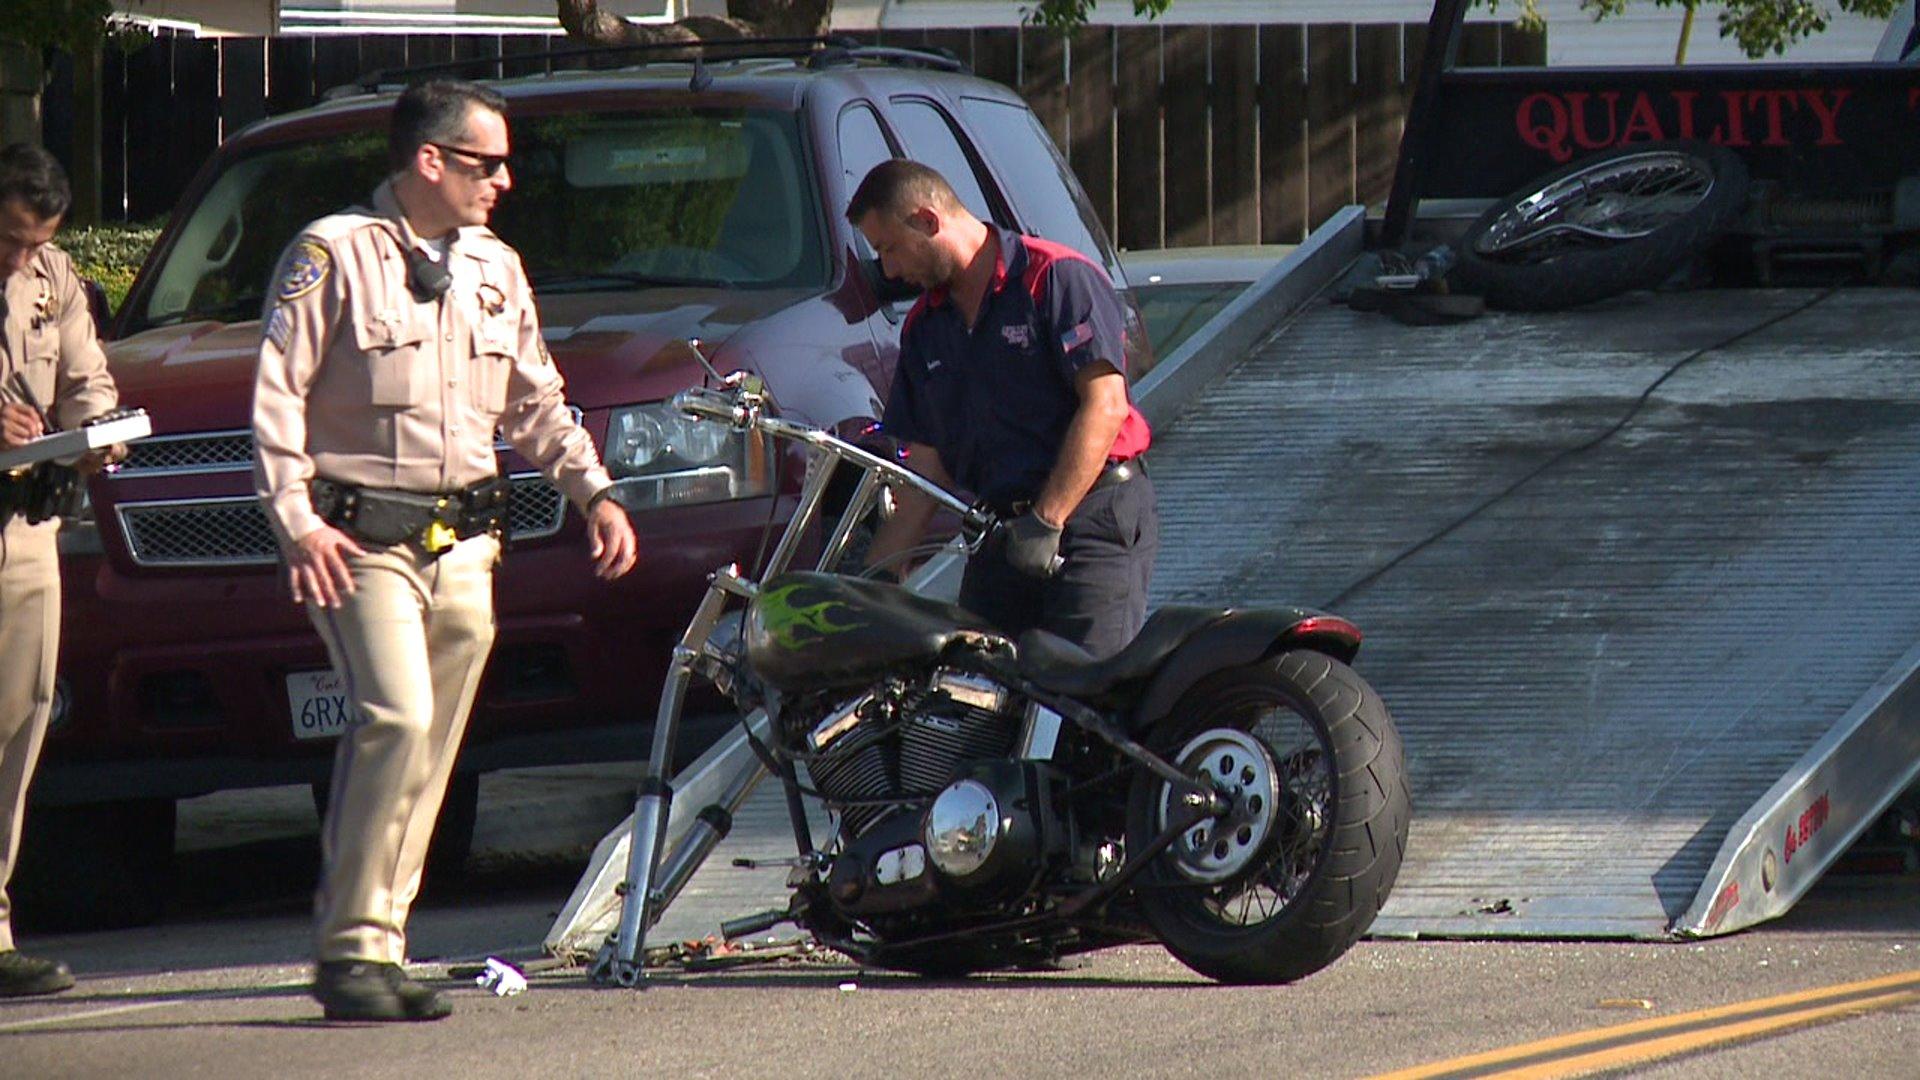 Motorcyclist Suffers Broken Foot Road